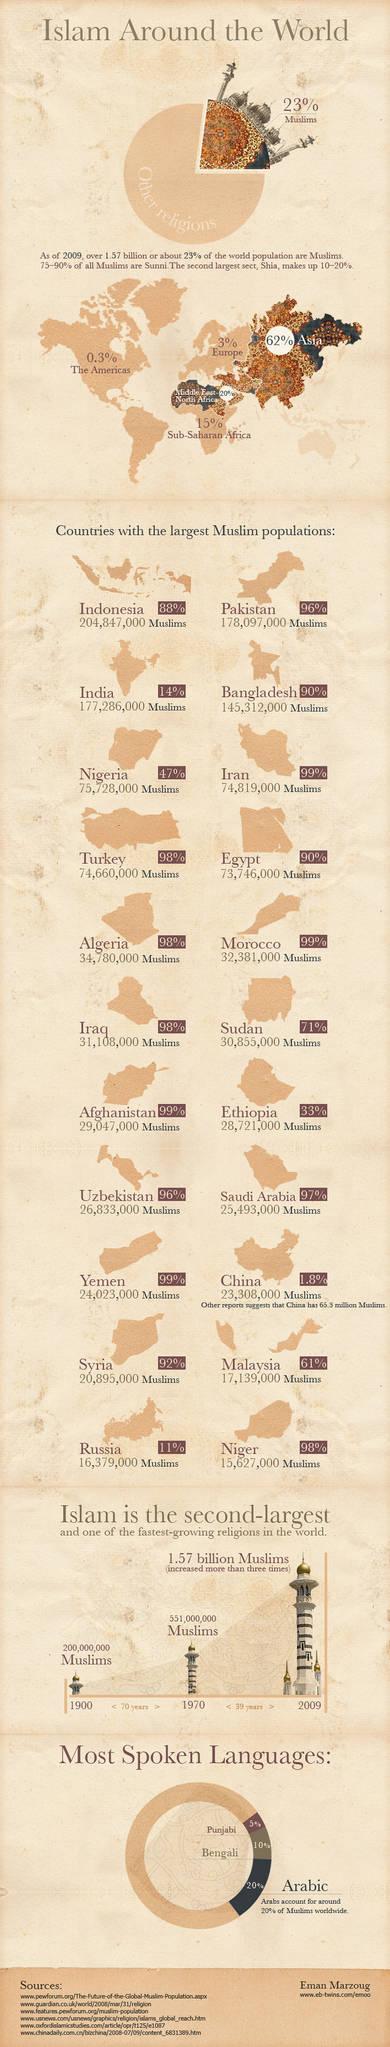 Islam around the world - Infographic (English)